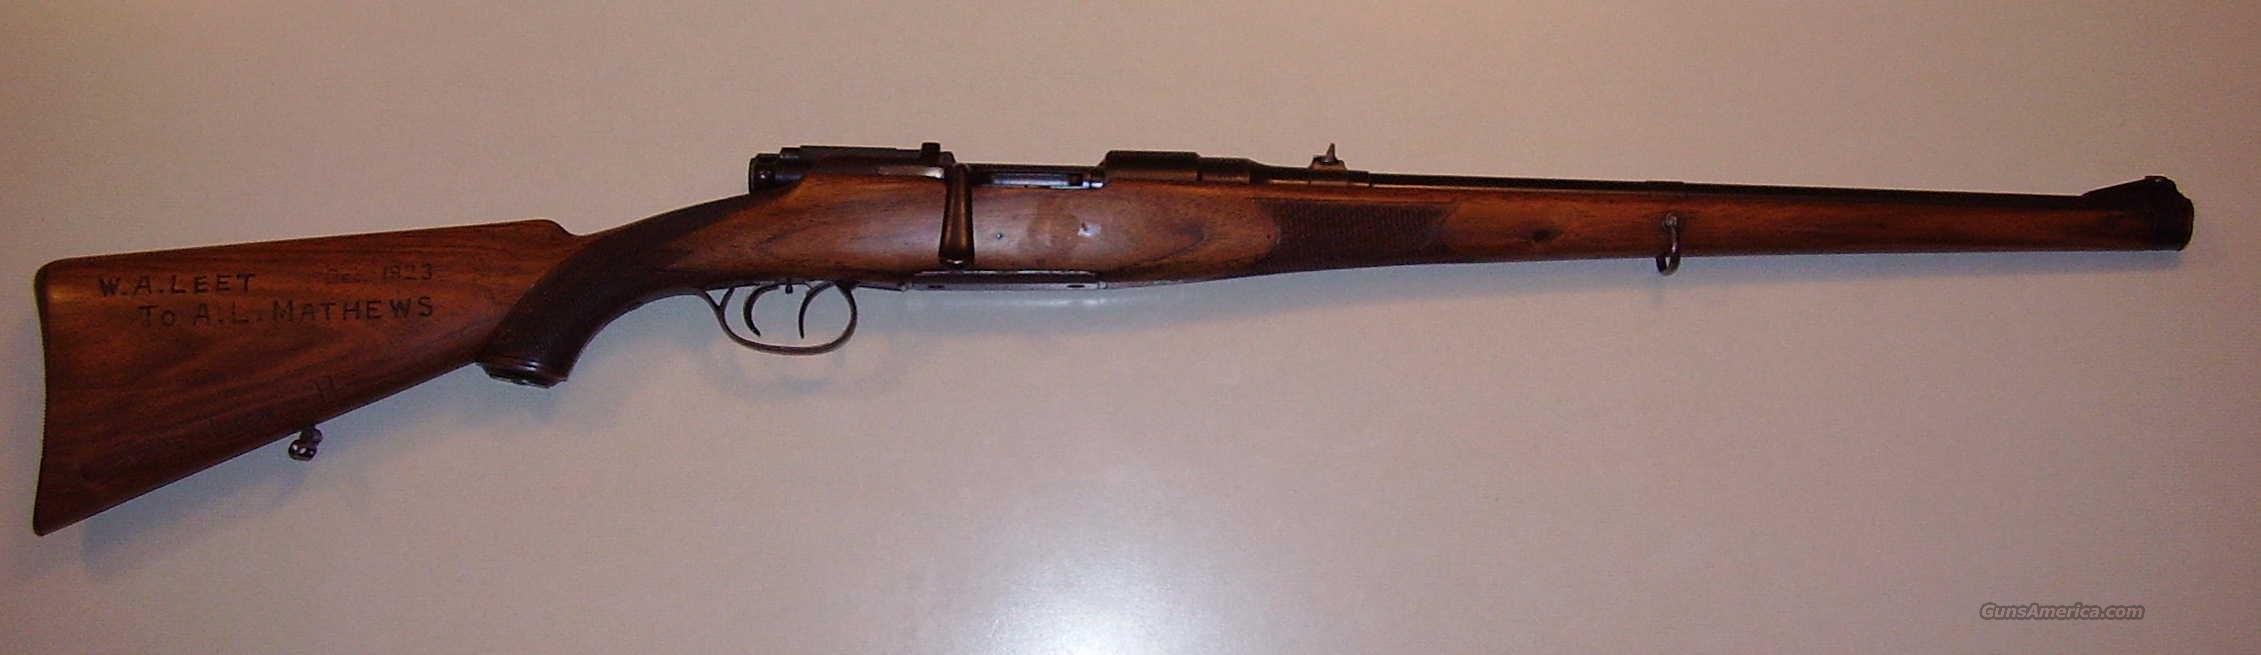 Mannlicher Schoenauer M1908 Carbine 8X56 with extras!  Guns > Rifles > Mannlicher-Schoenauer Rifles